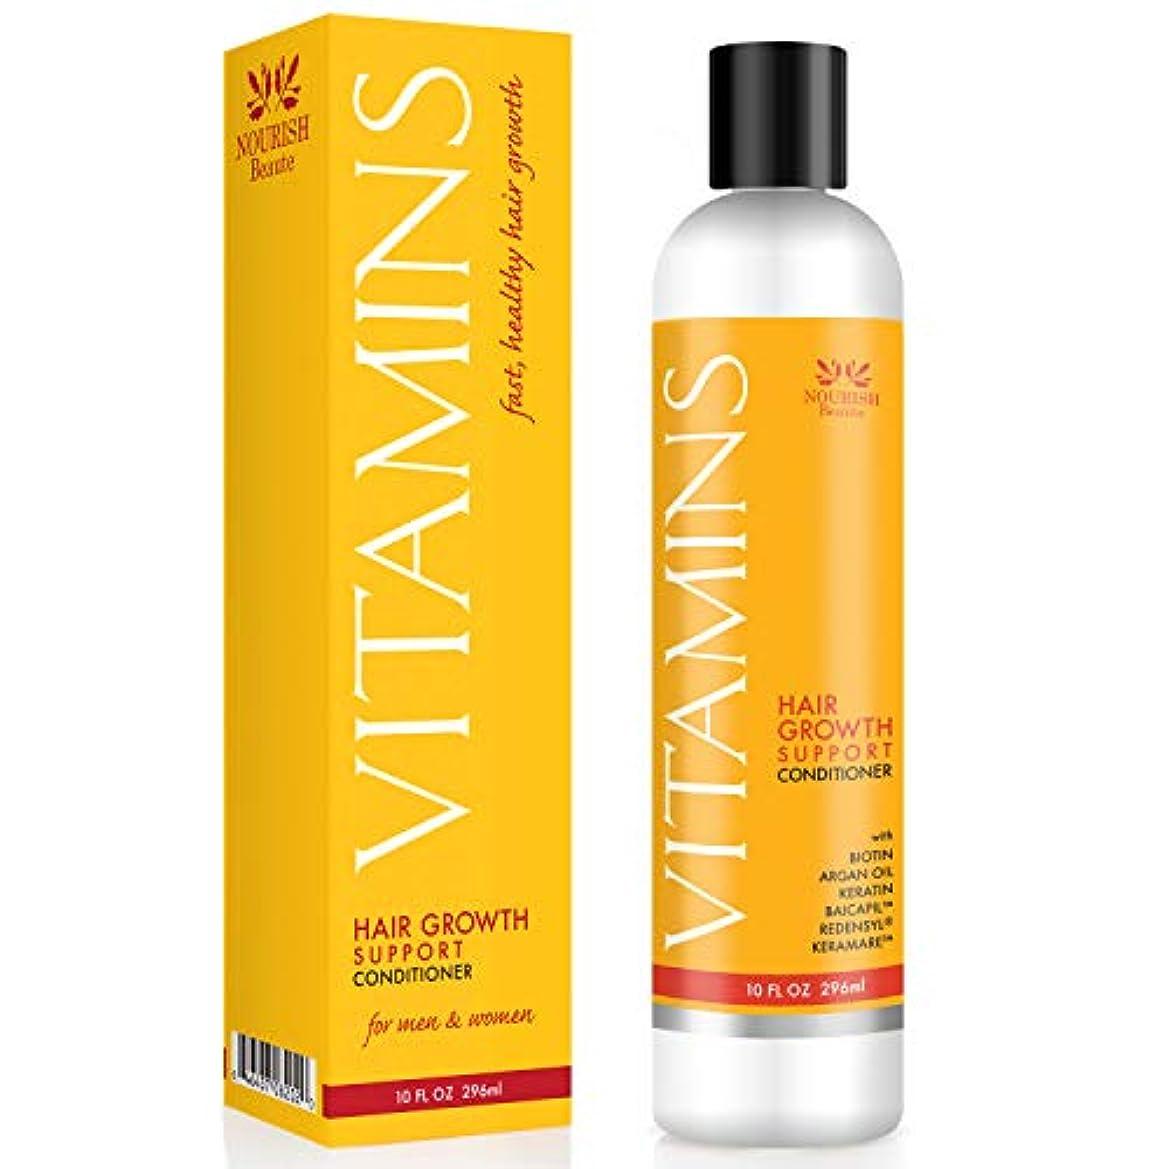 細菌層パワーVitamins - オーガニック 脱毛トリートメント コンディショナー Organic Hair Loss Treatment and Conditioner, 10 Ounce (296ml)